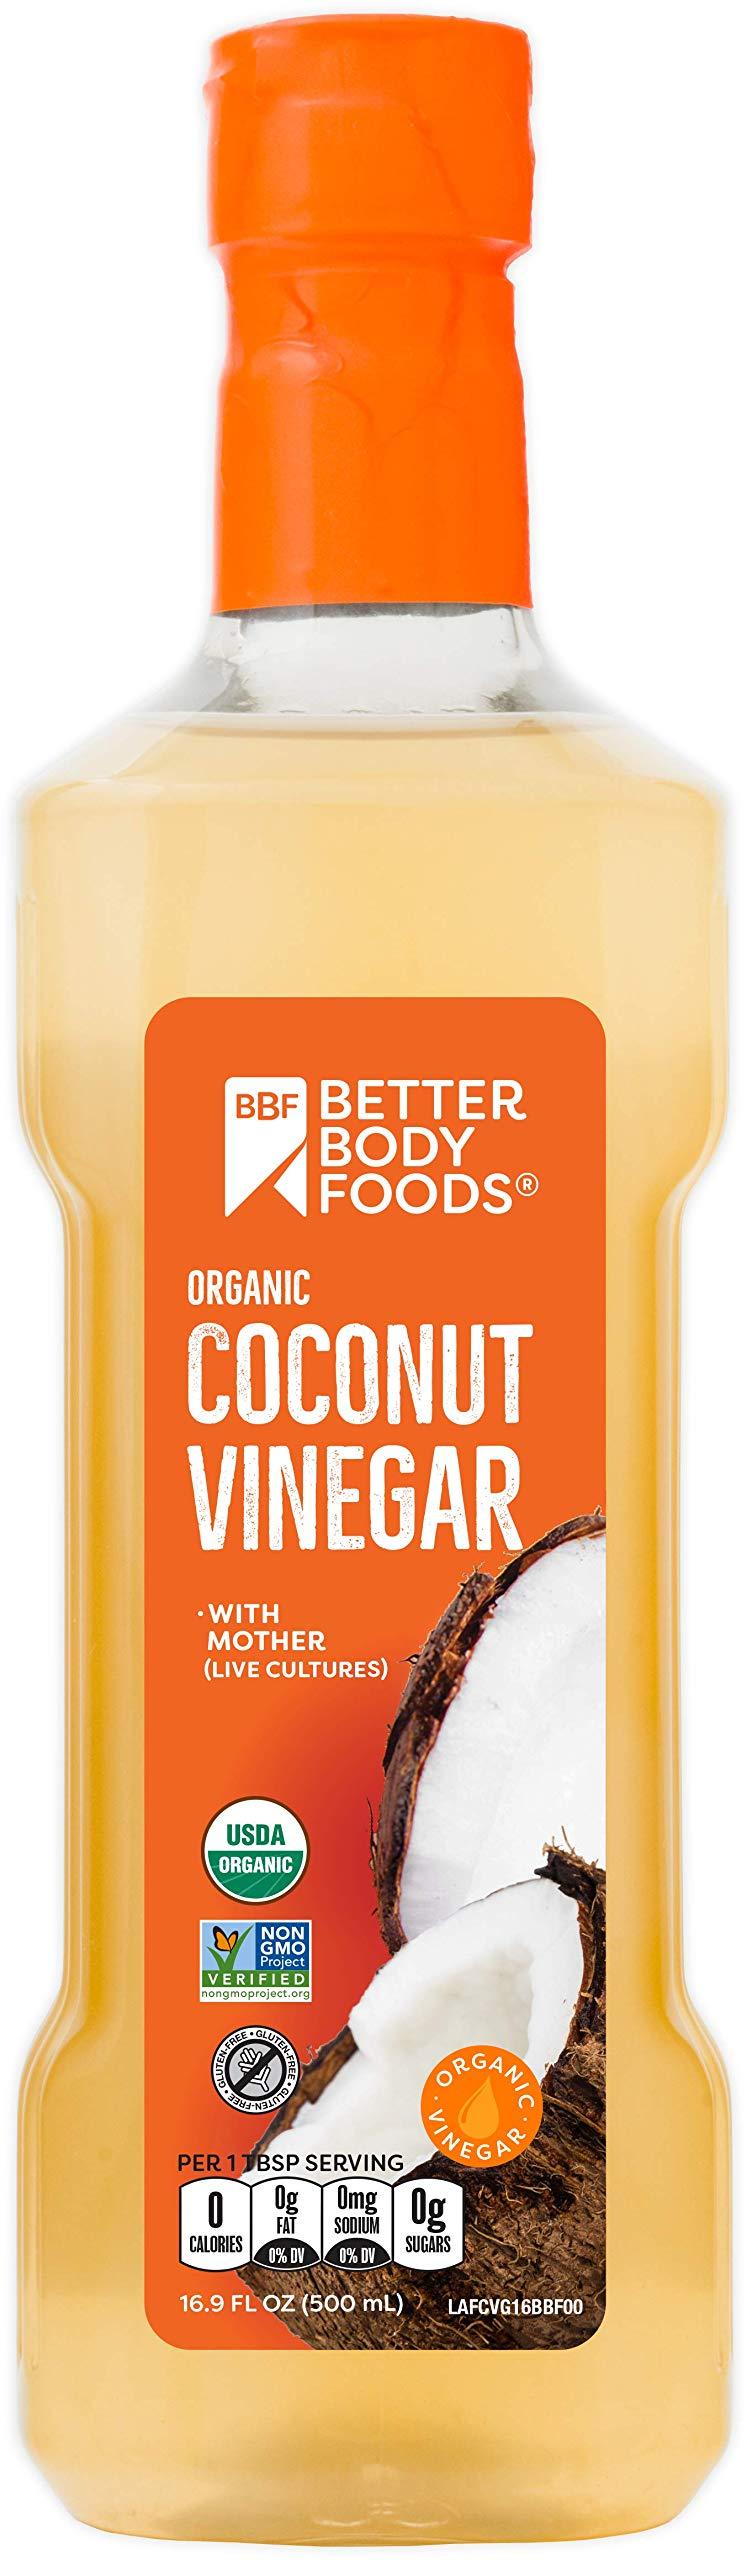 Amazon.com: Organic Coconut Vinegar Capsules – Powerful